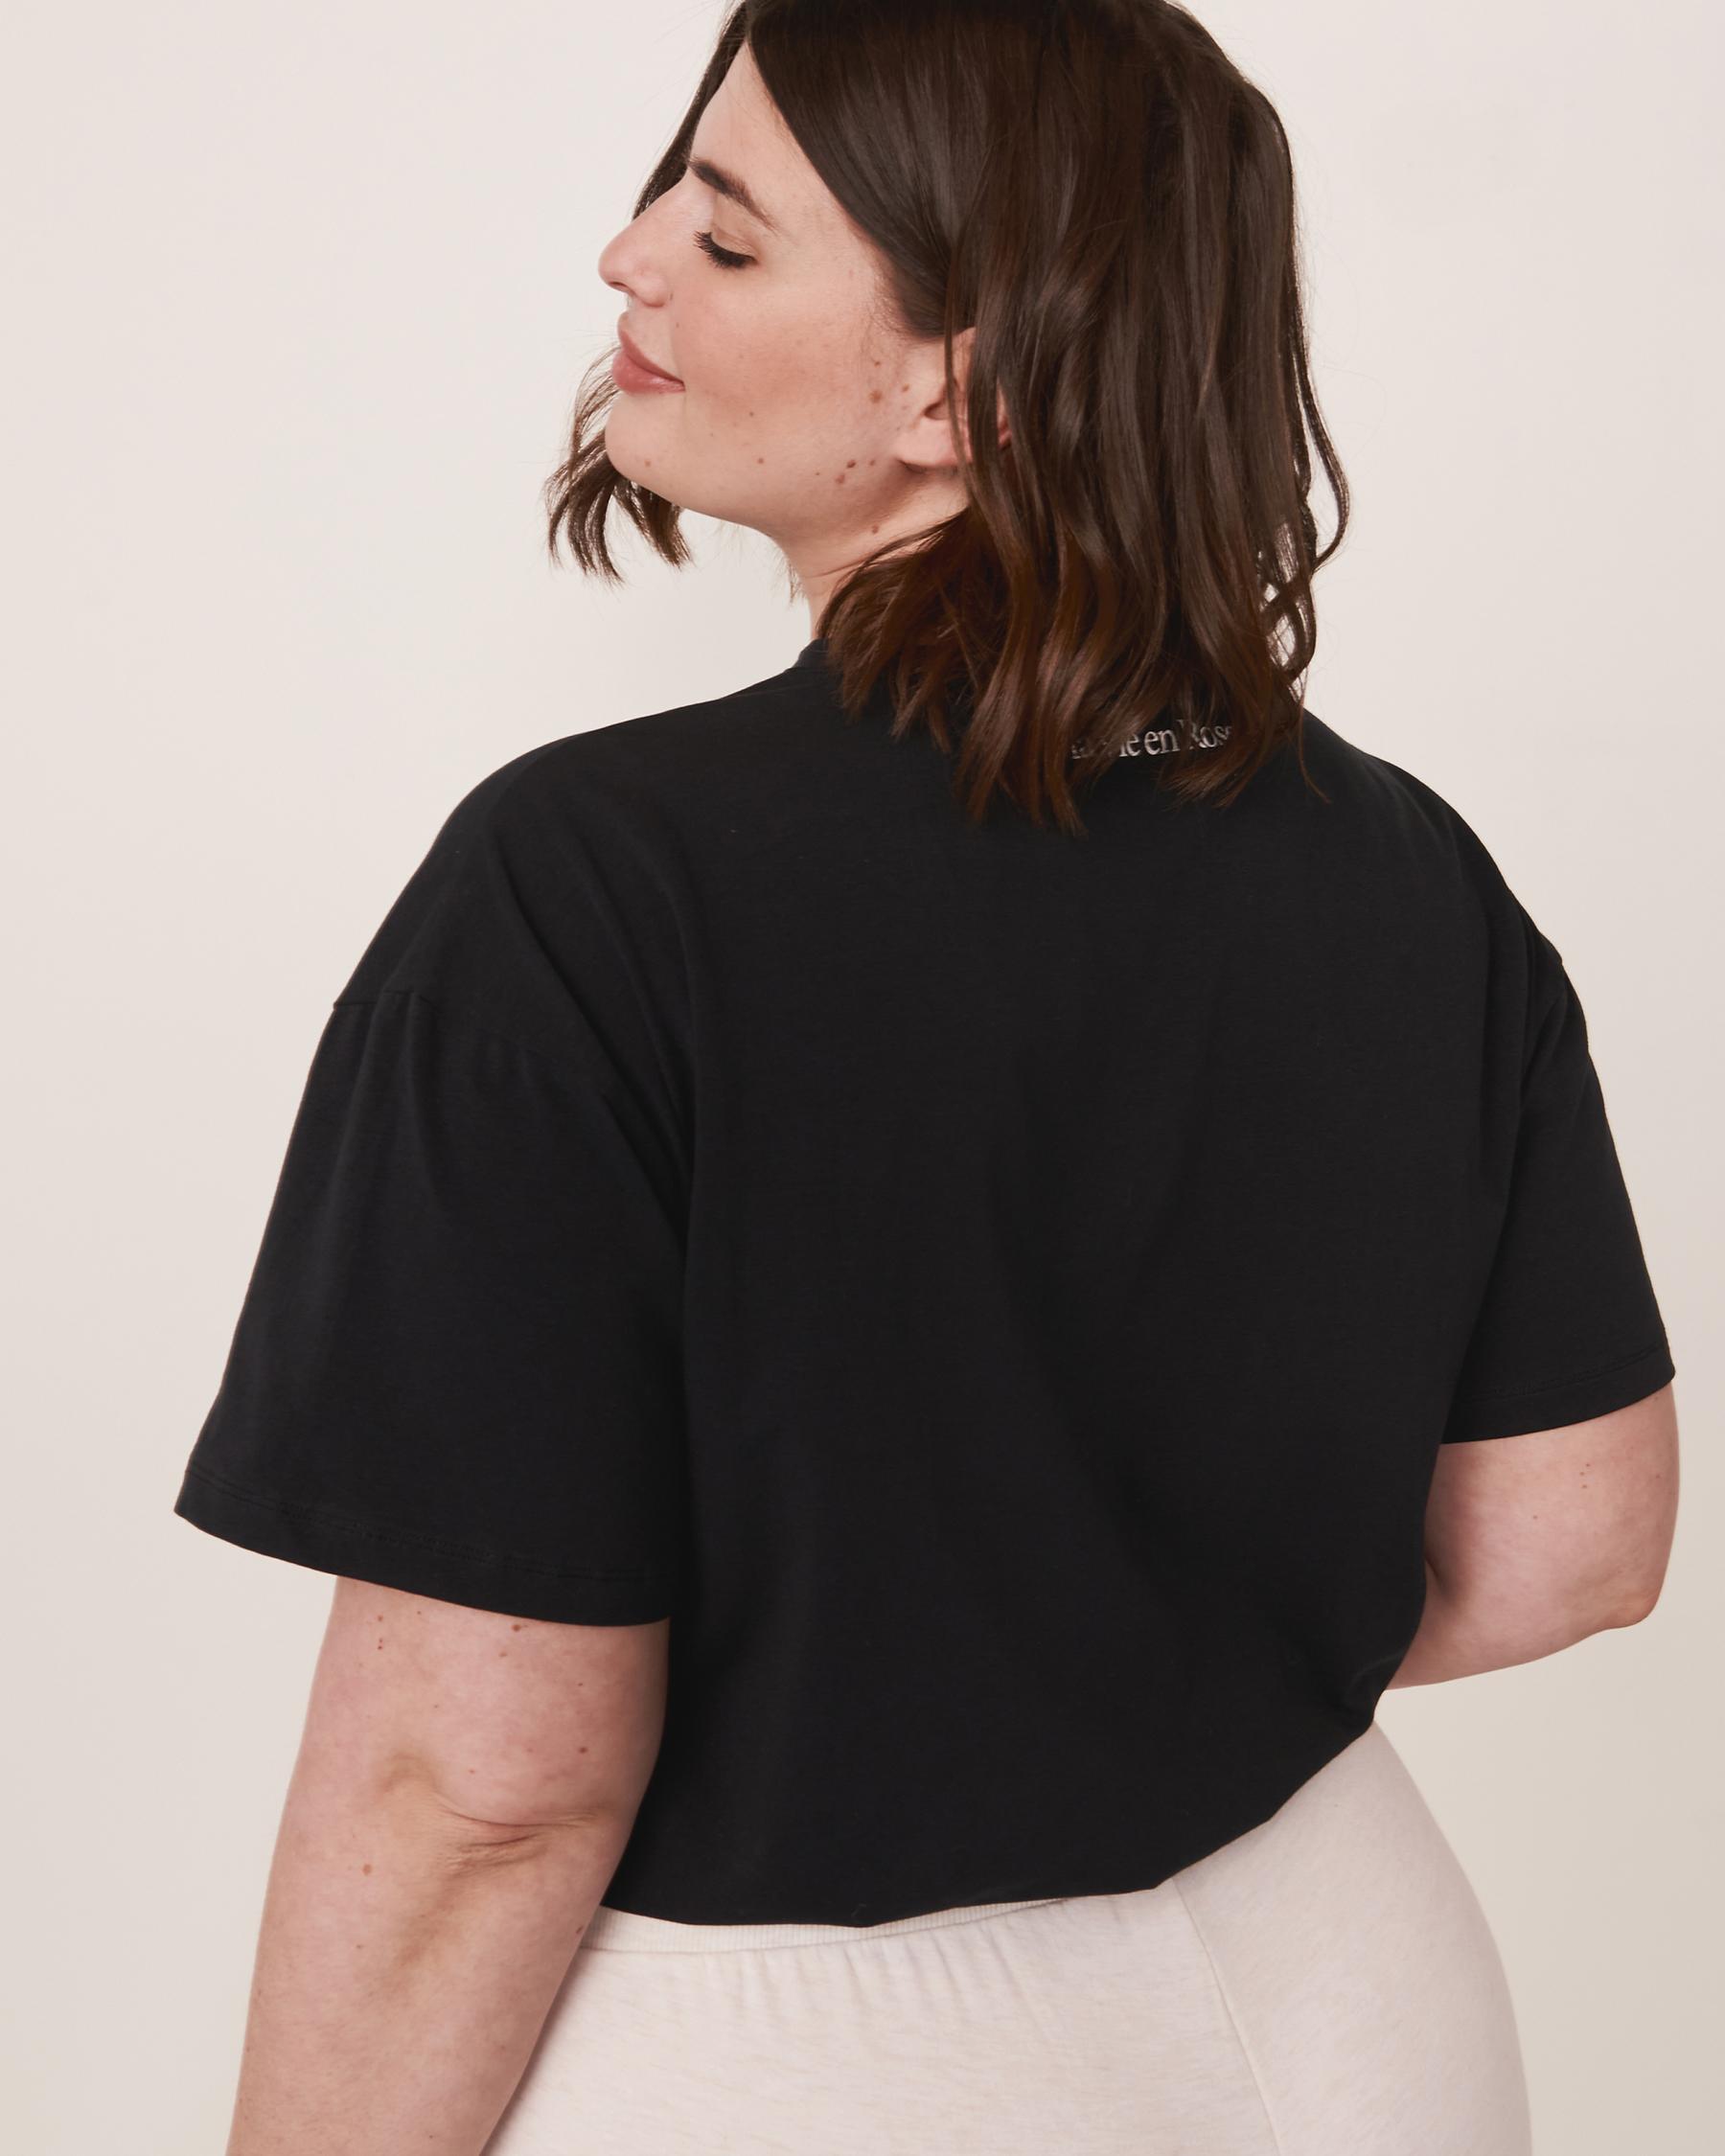 LA VIE EN ROSE Be Your Own Breast Friend T-shirt Black 90400002 - View4